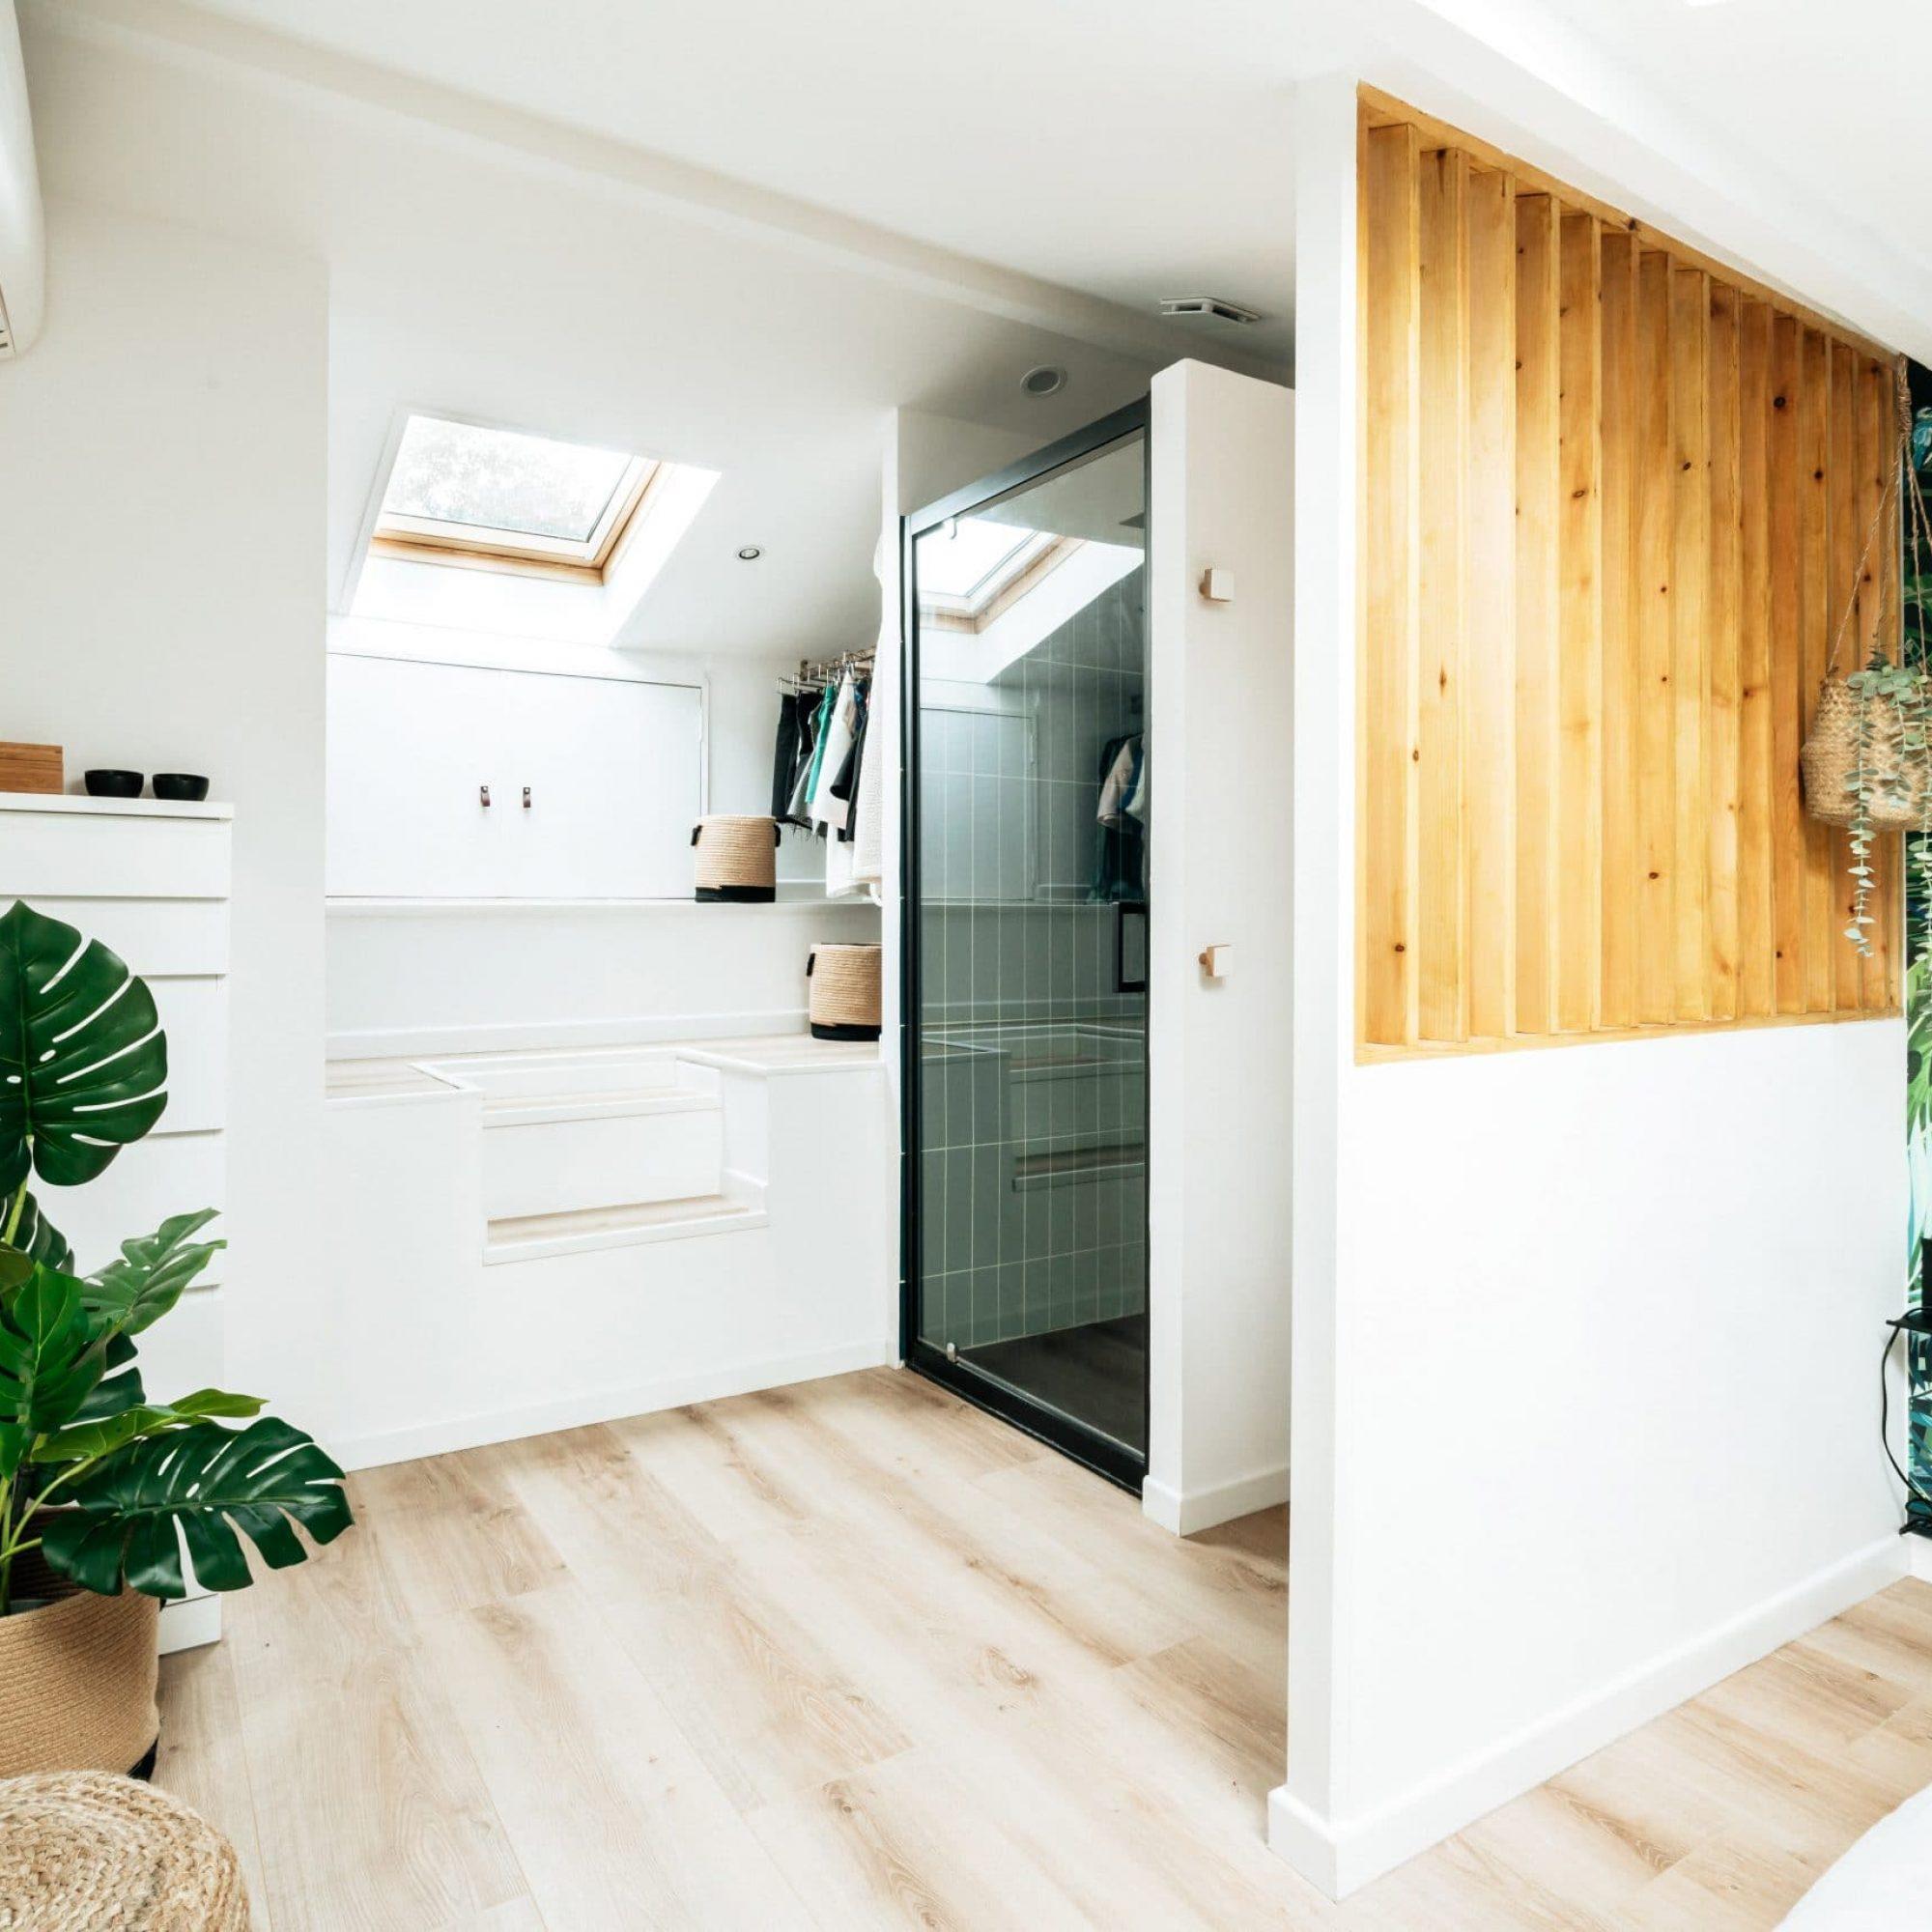 sousletoit-renovation-jeremydugas-architecte-interieur-decoration-travaux-aménagement-montpellier-herault-papier-peint-jungle-wood-surmesure